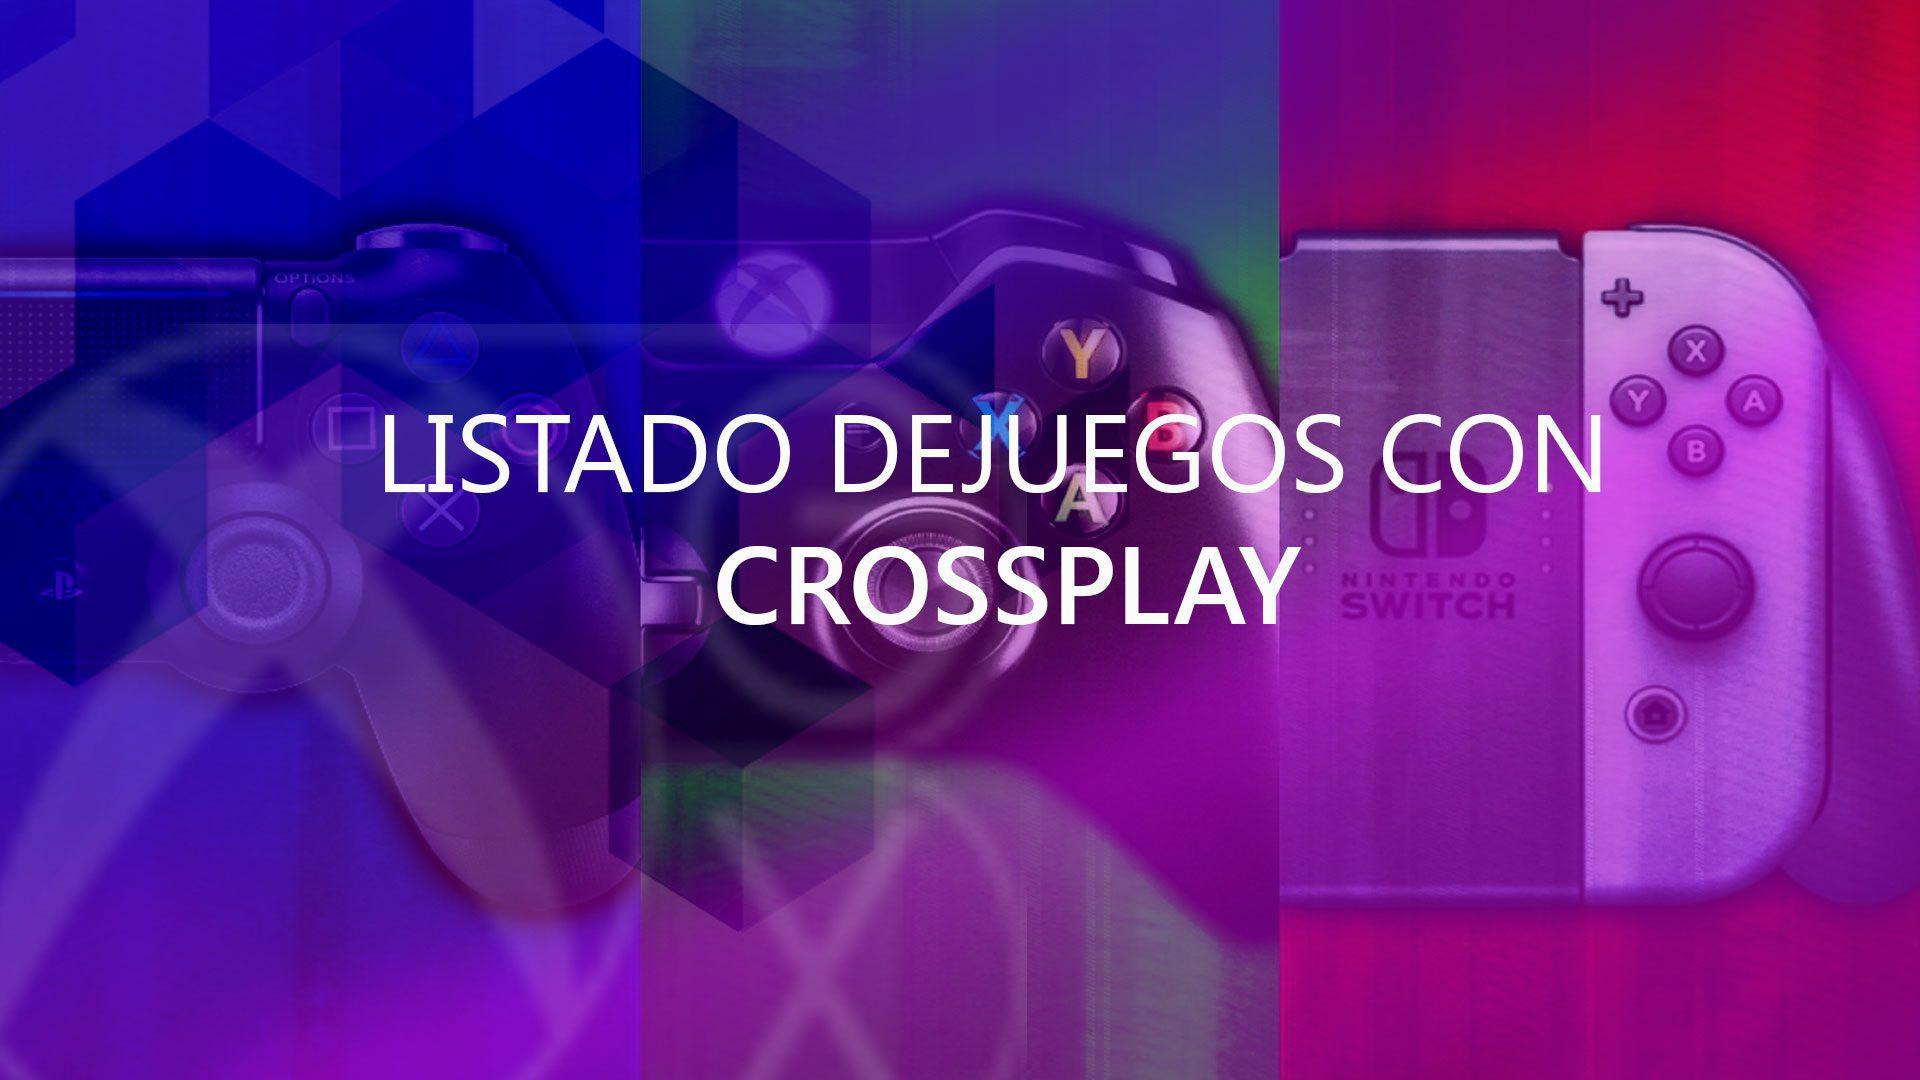 Lista actualizada: Juegos con soporte para crossplay (2019)